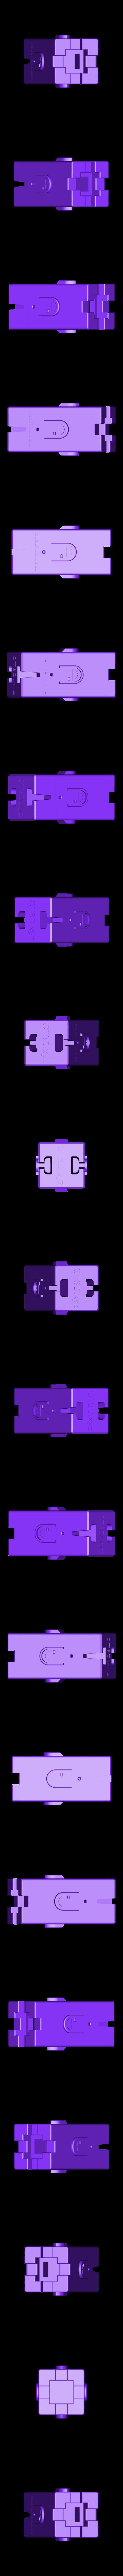 Scout_Tower_Straight_Hollow_(Modular Castle Playset - 3D-printable)_By_CreativeTools.se.stl Télécharger fichier STL gratuit Plateau modulaire de château (imprimable en 3D) • Modèle à imprimer en 3D, CreativeTools